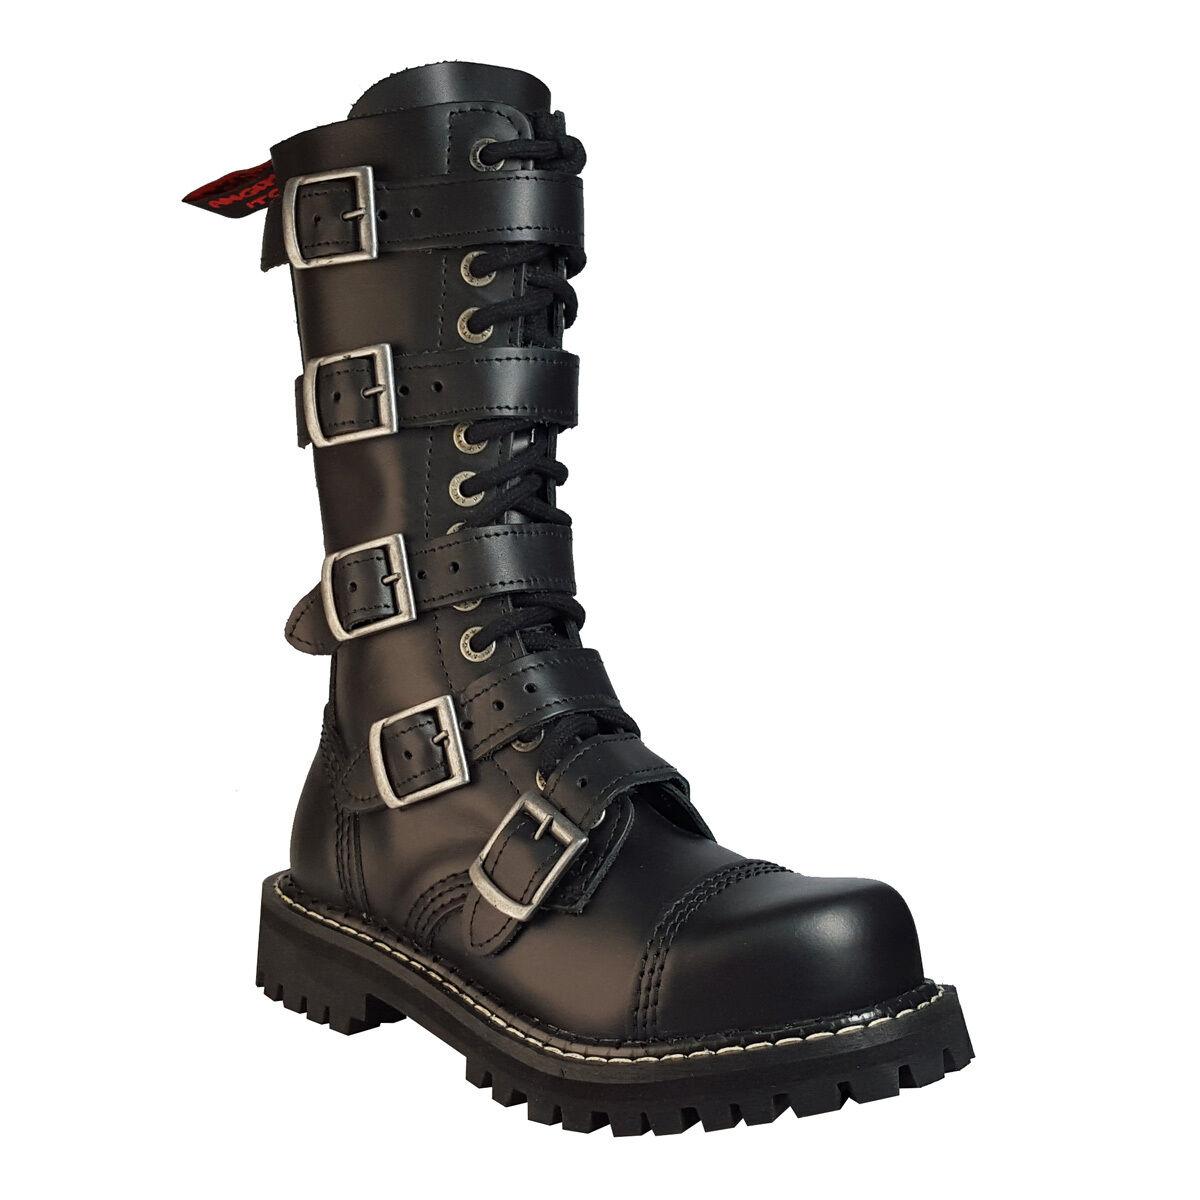 Angry Itch 14 trous punk noir boucle en cuir ranger bottes steel toe zip